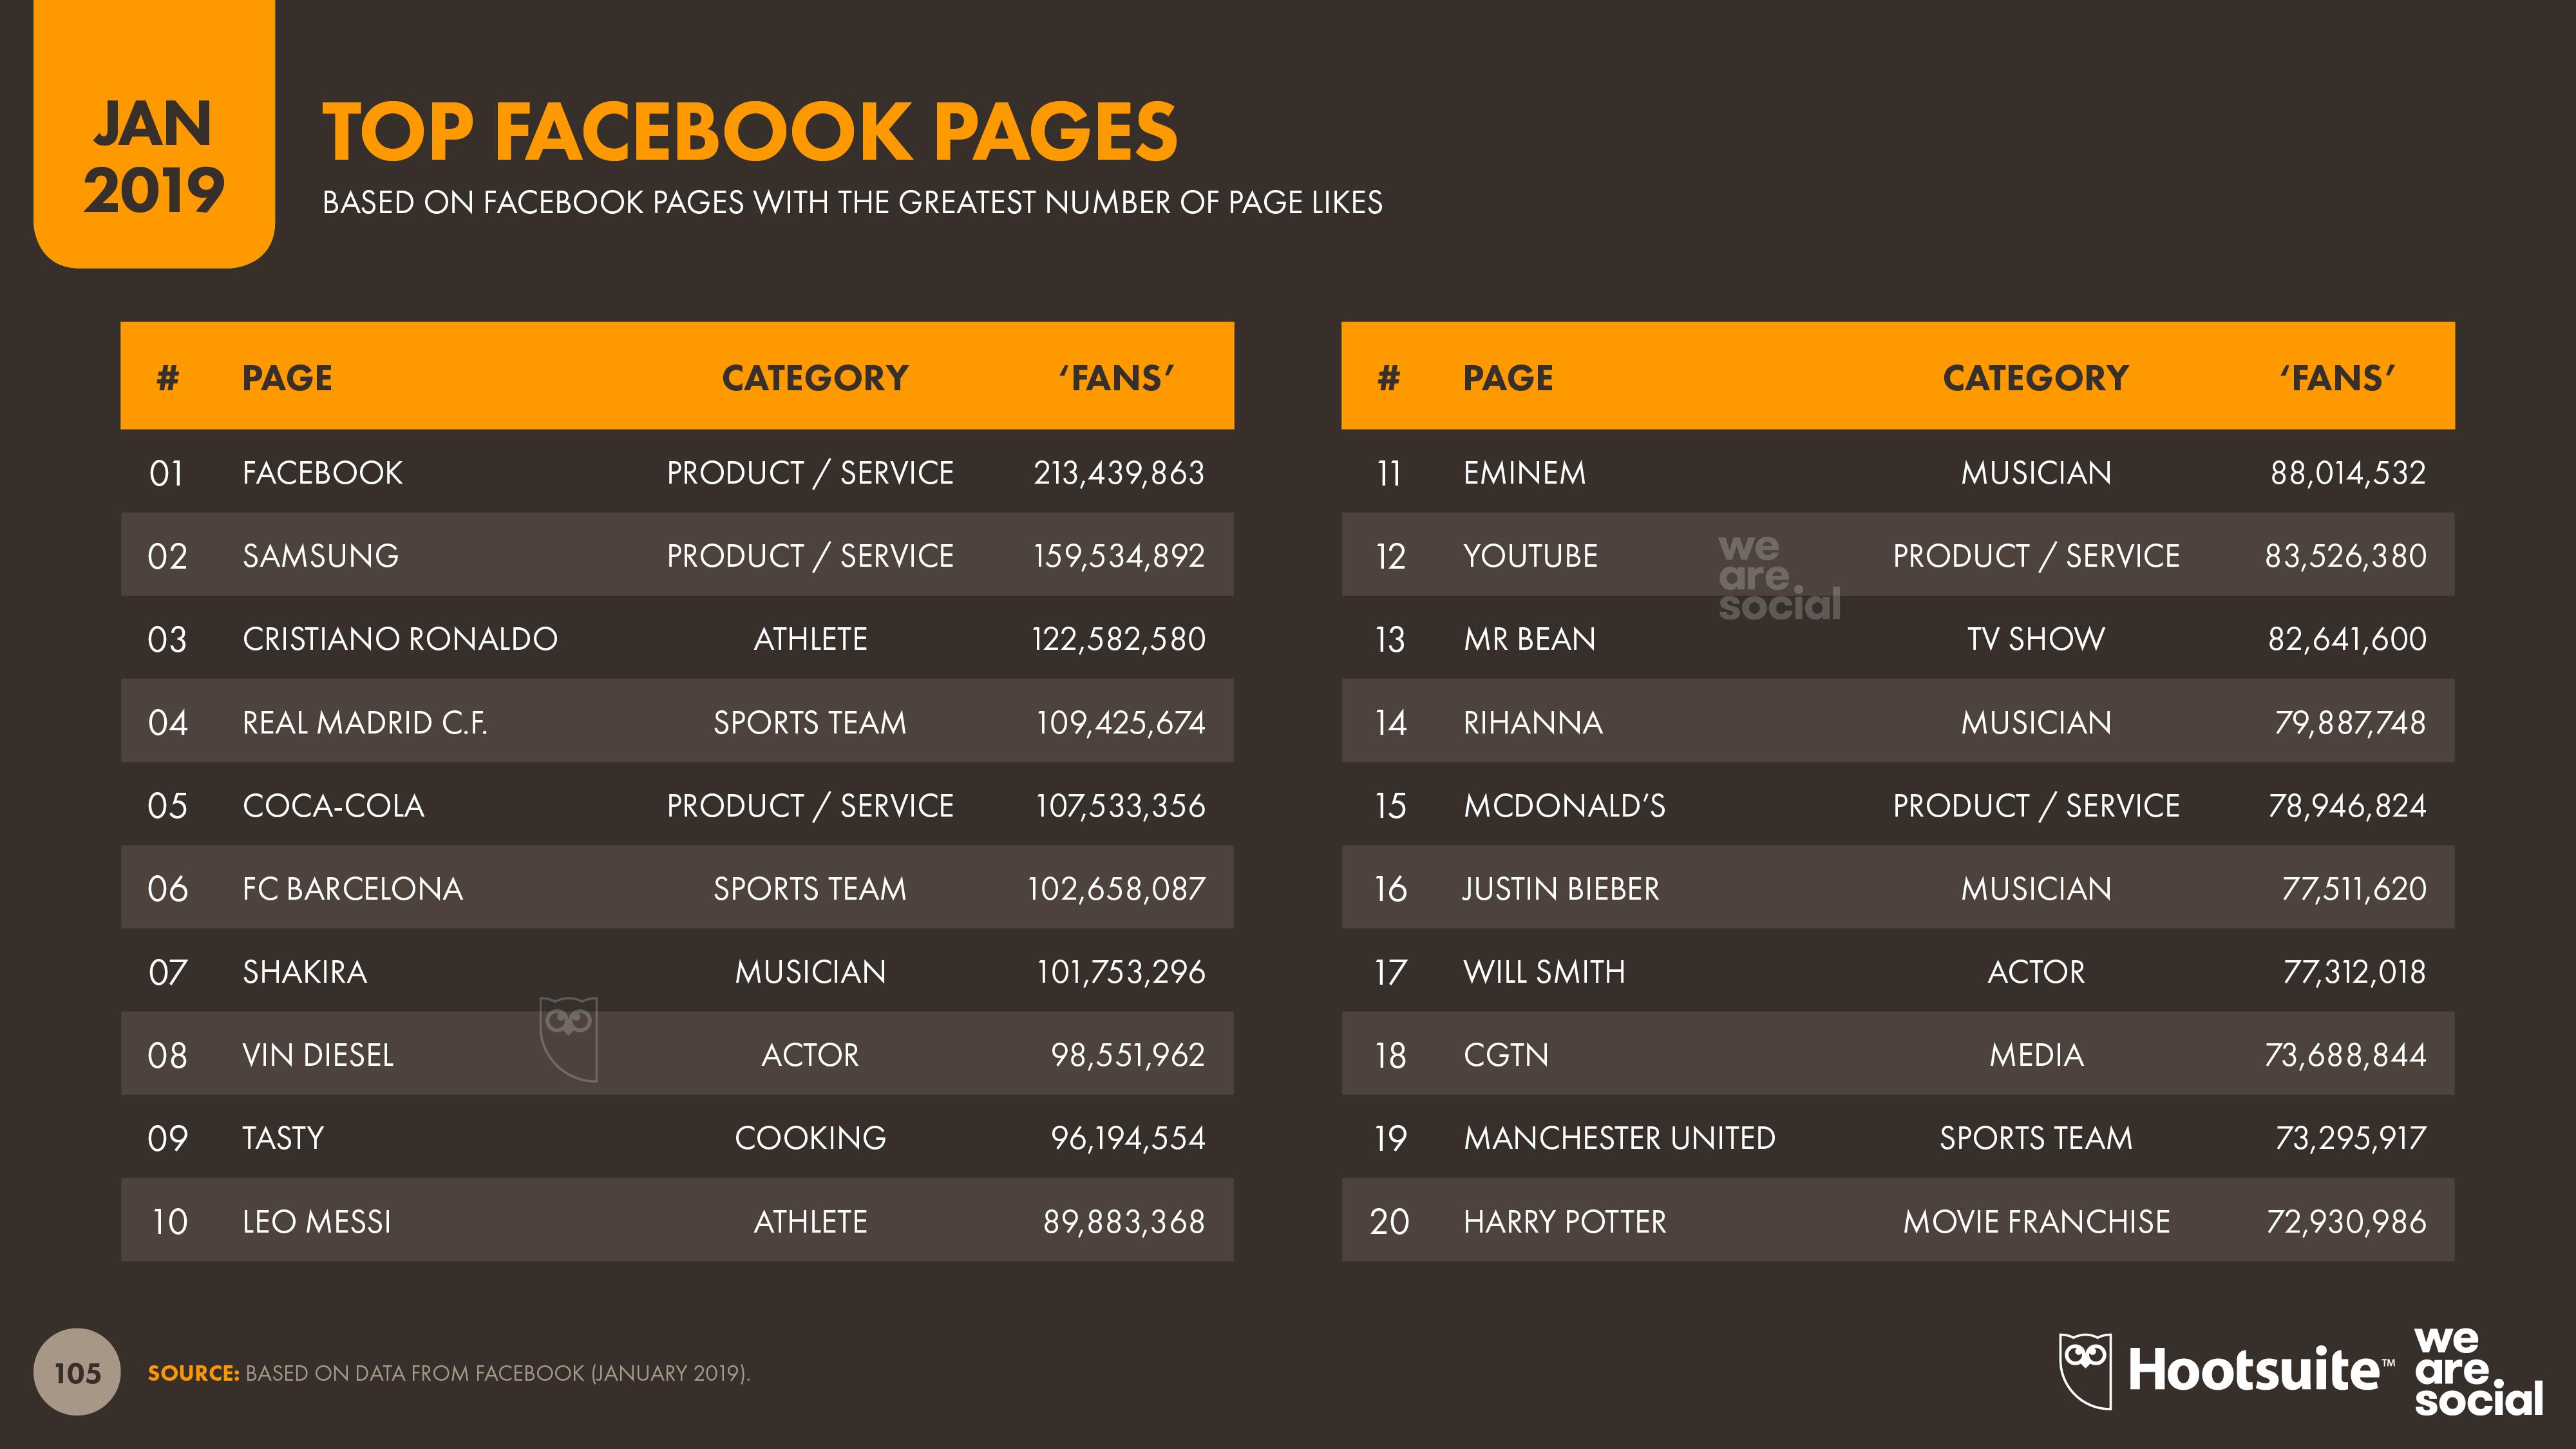 Digital 2019 Global Overview Images v01 - Slide 105 Facebook Page Ranking